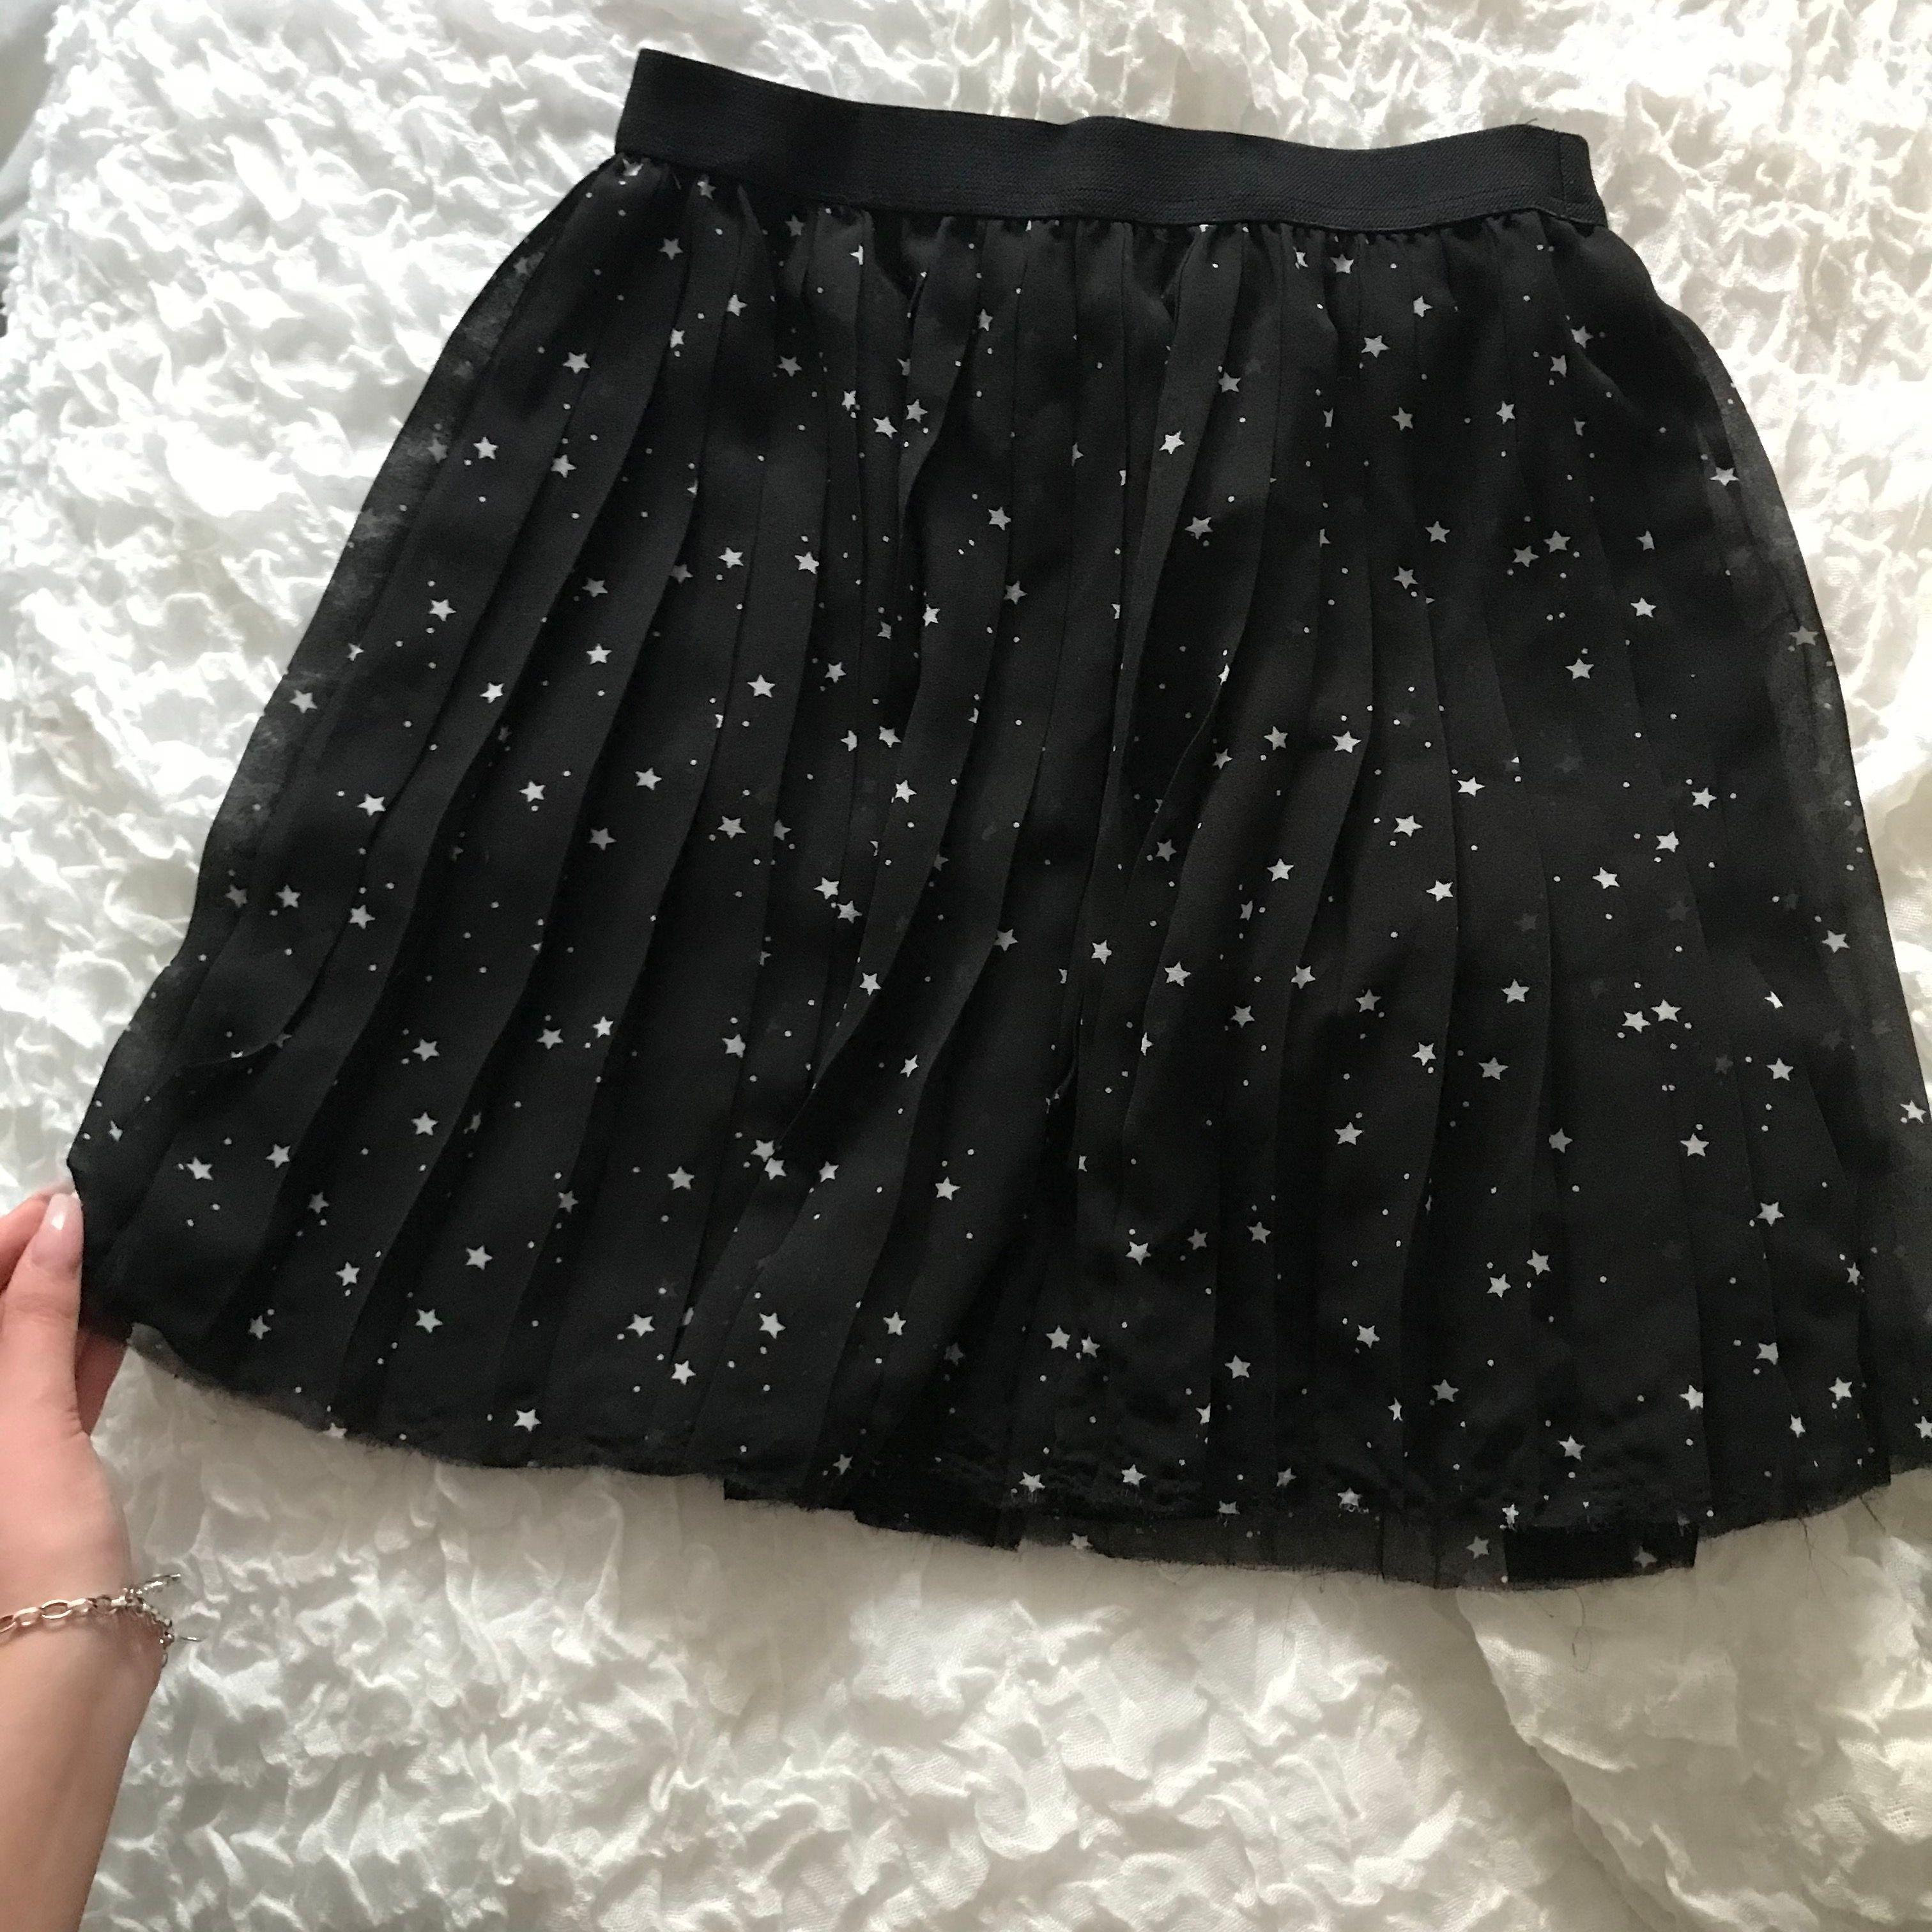 Svart kjol med små stjärnor på superfin, andvänd ca 2 gånger så i nyskick💖. Kjolar.